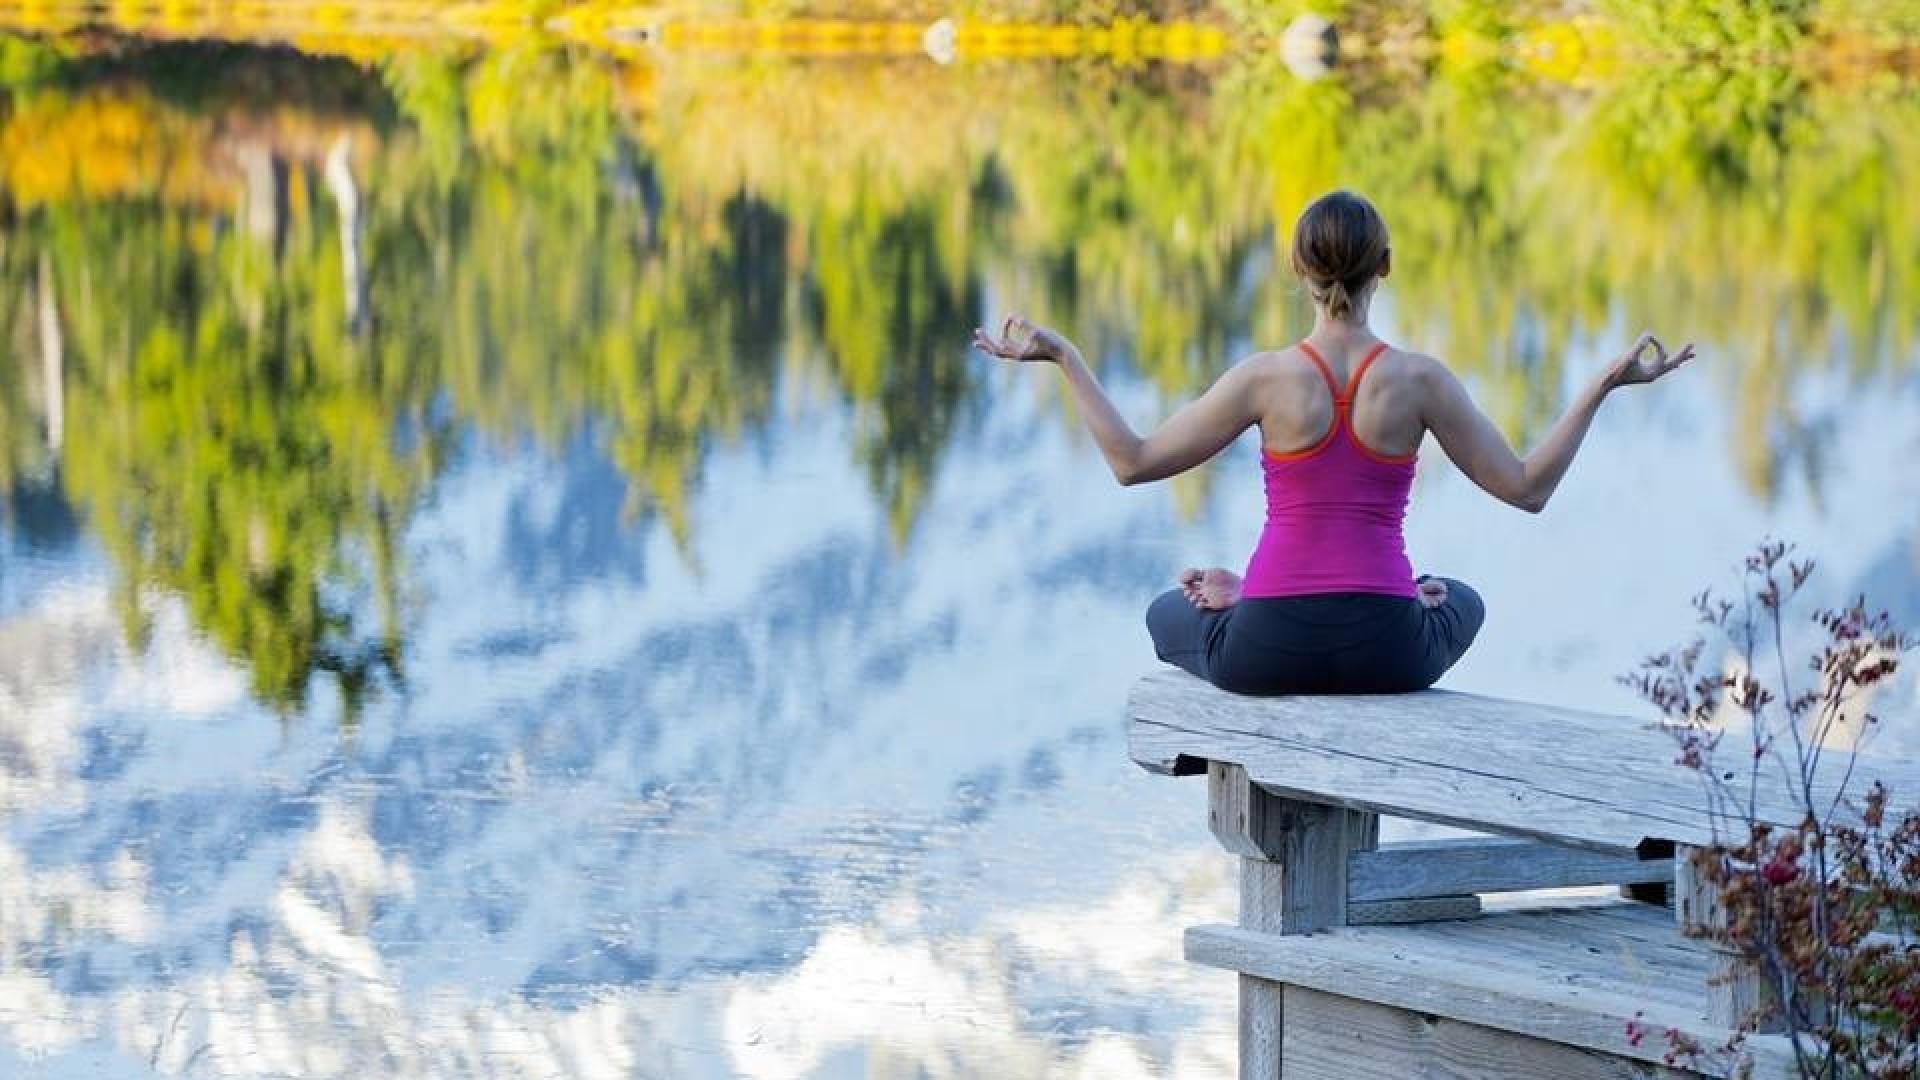 Медитация, помогающая освободиться от негативной энергии